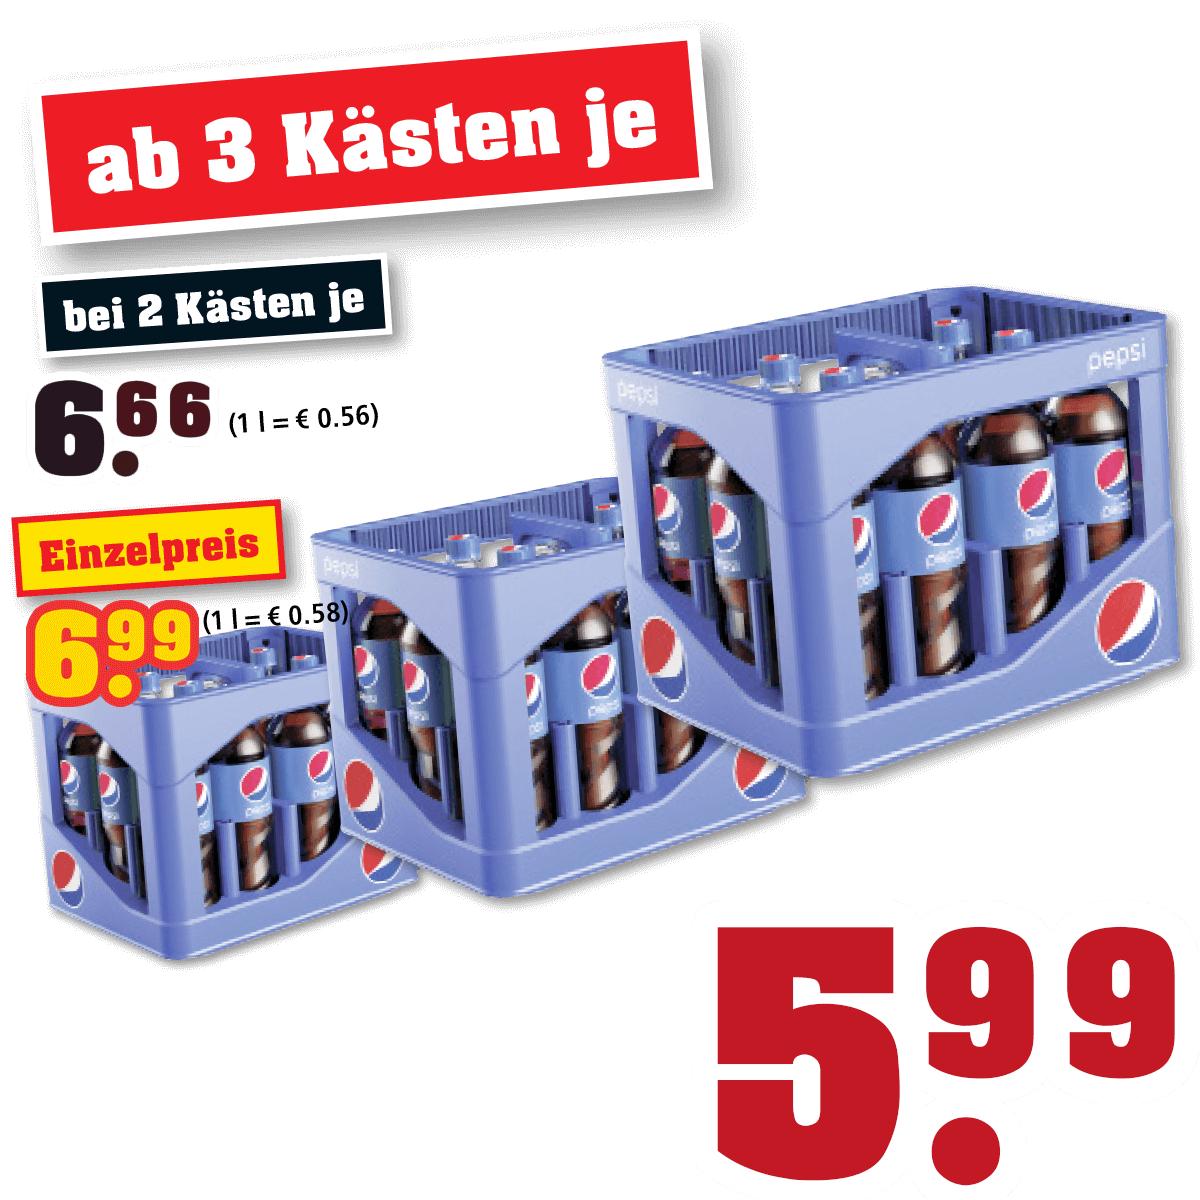 36 Liter Pepsi für 50 cent je Liter